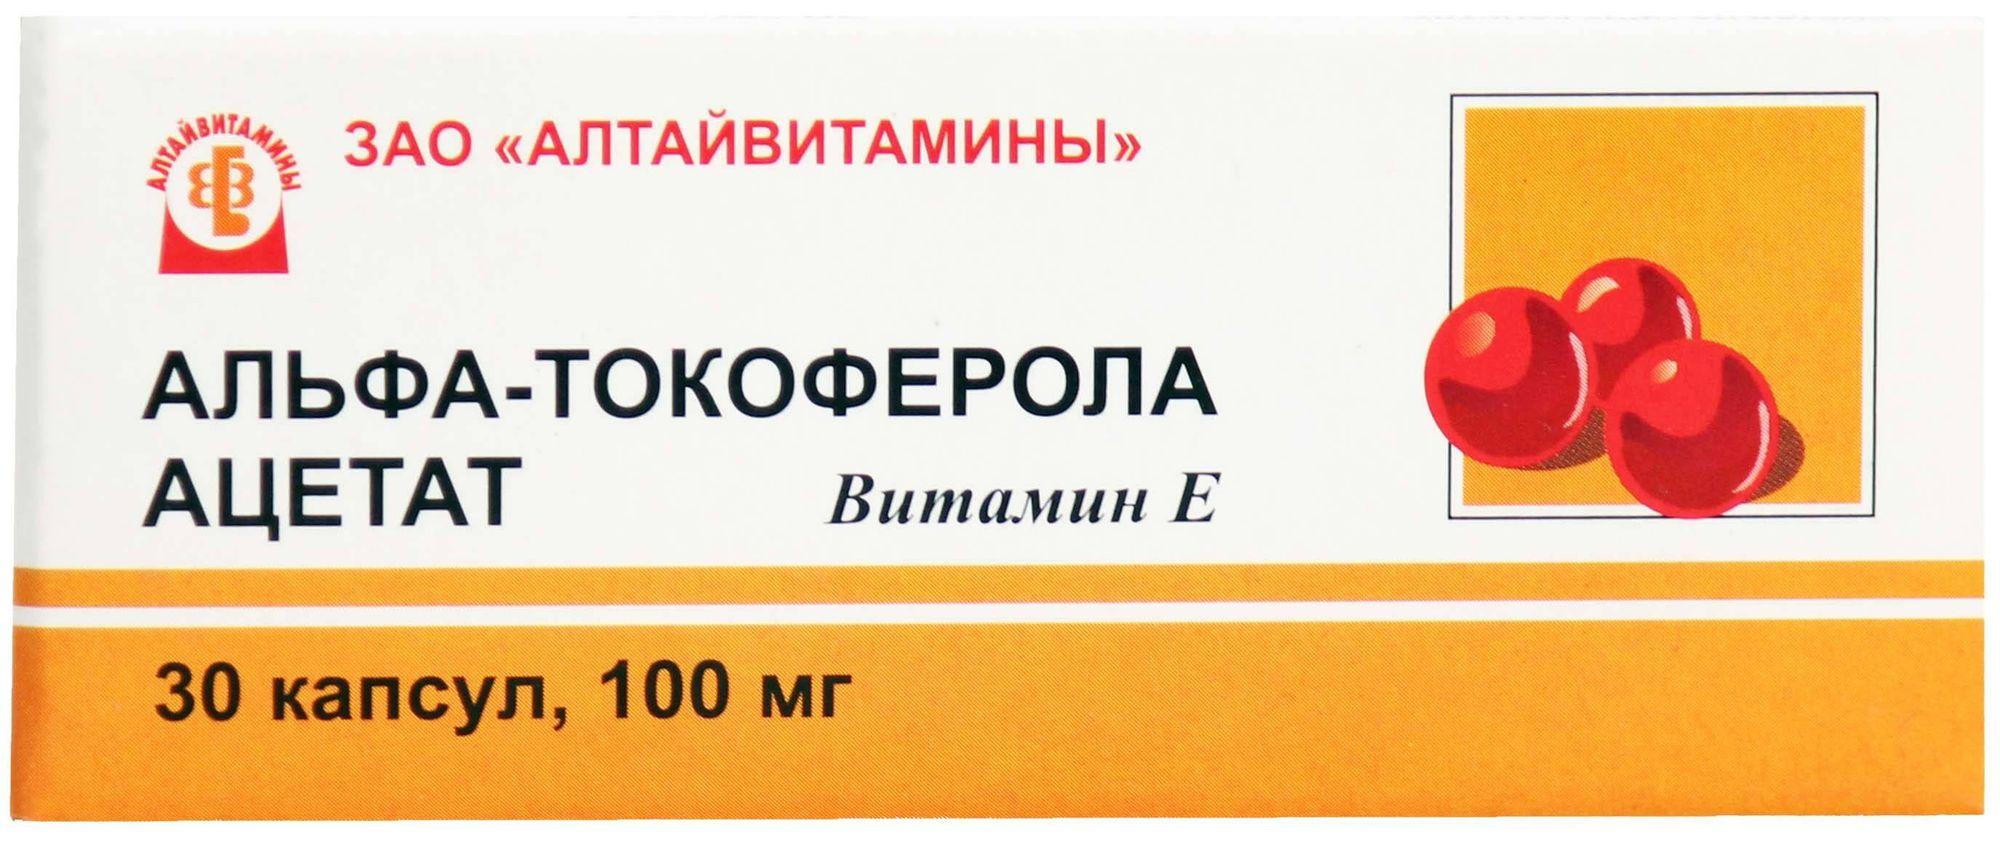 альфа-Токоферола ацетат, 100 мг, капсулы, 30 шт.